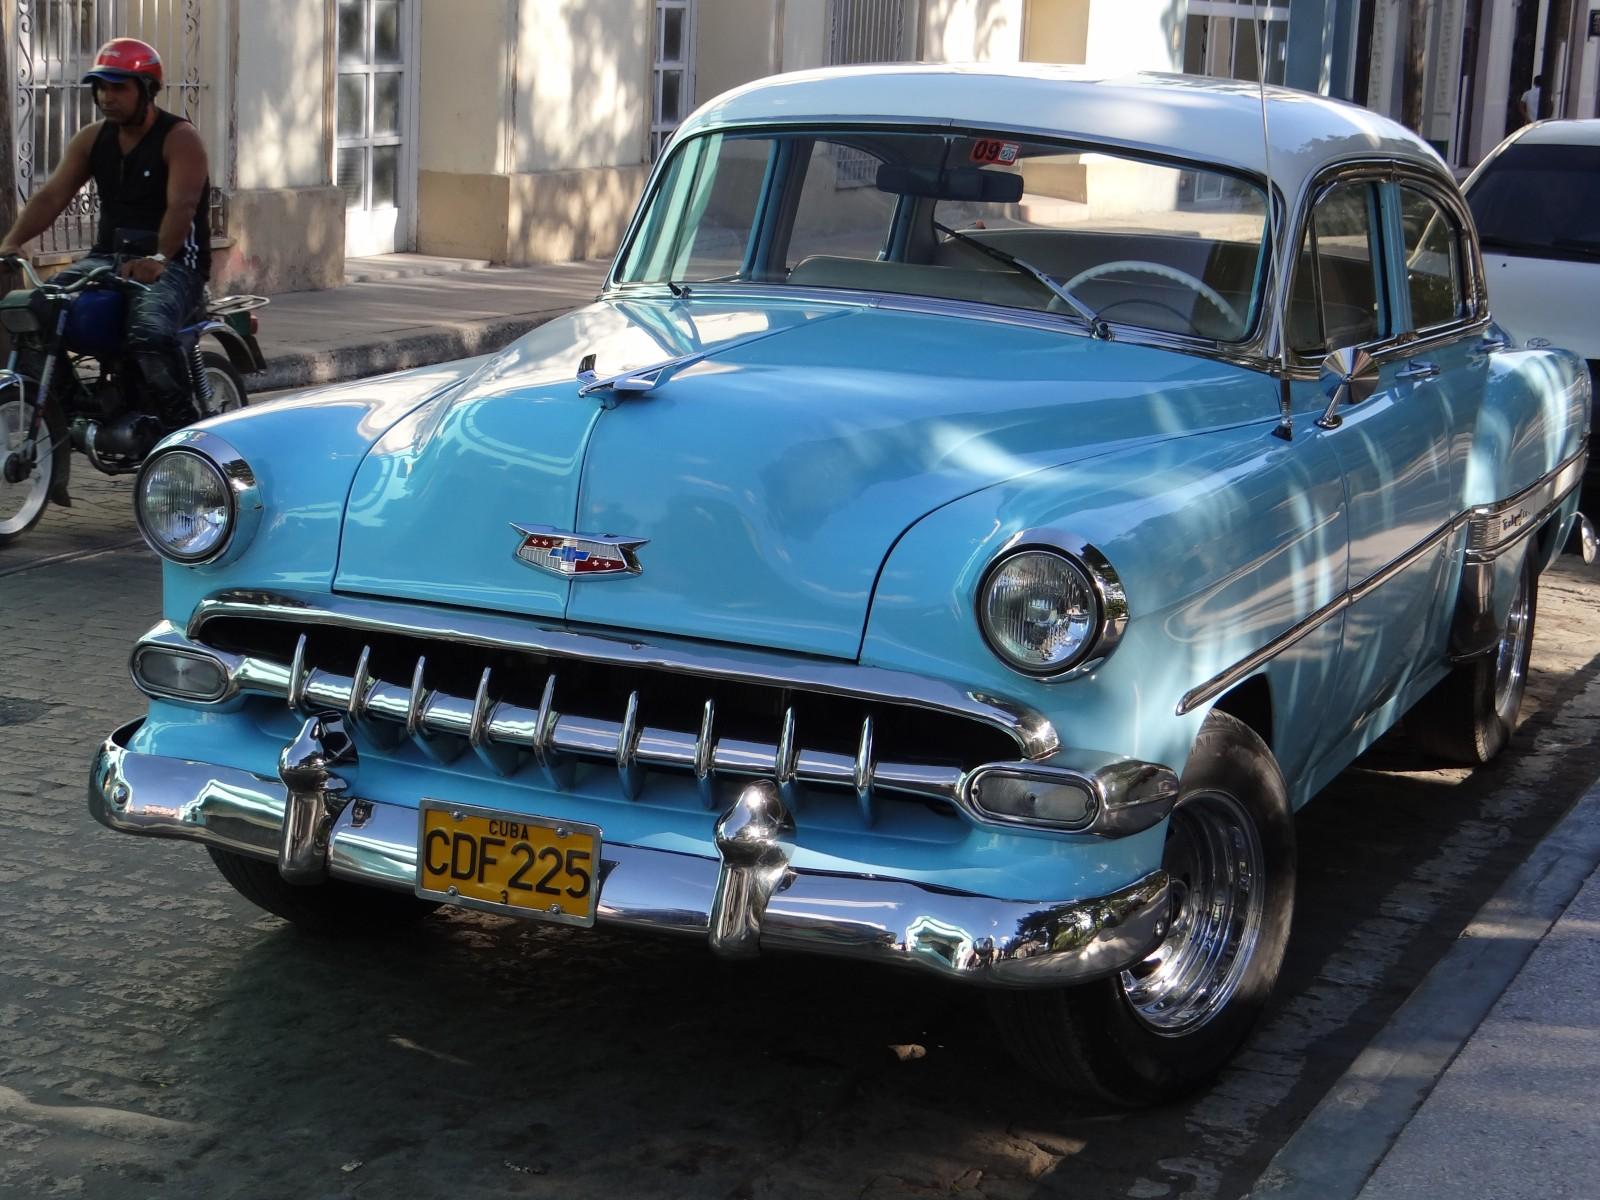 cub16-tour-havana-in-a-classic-car-free-lat